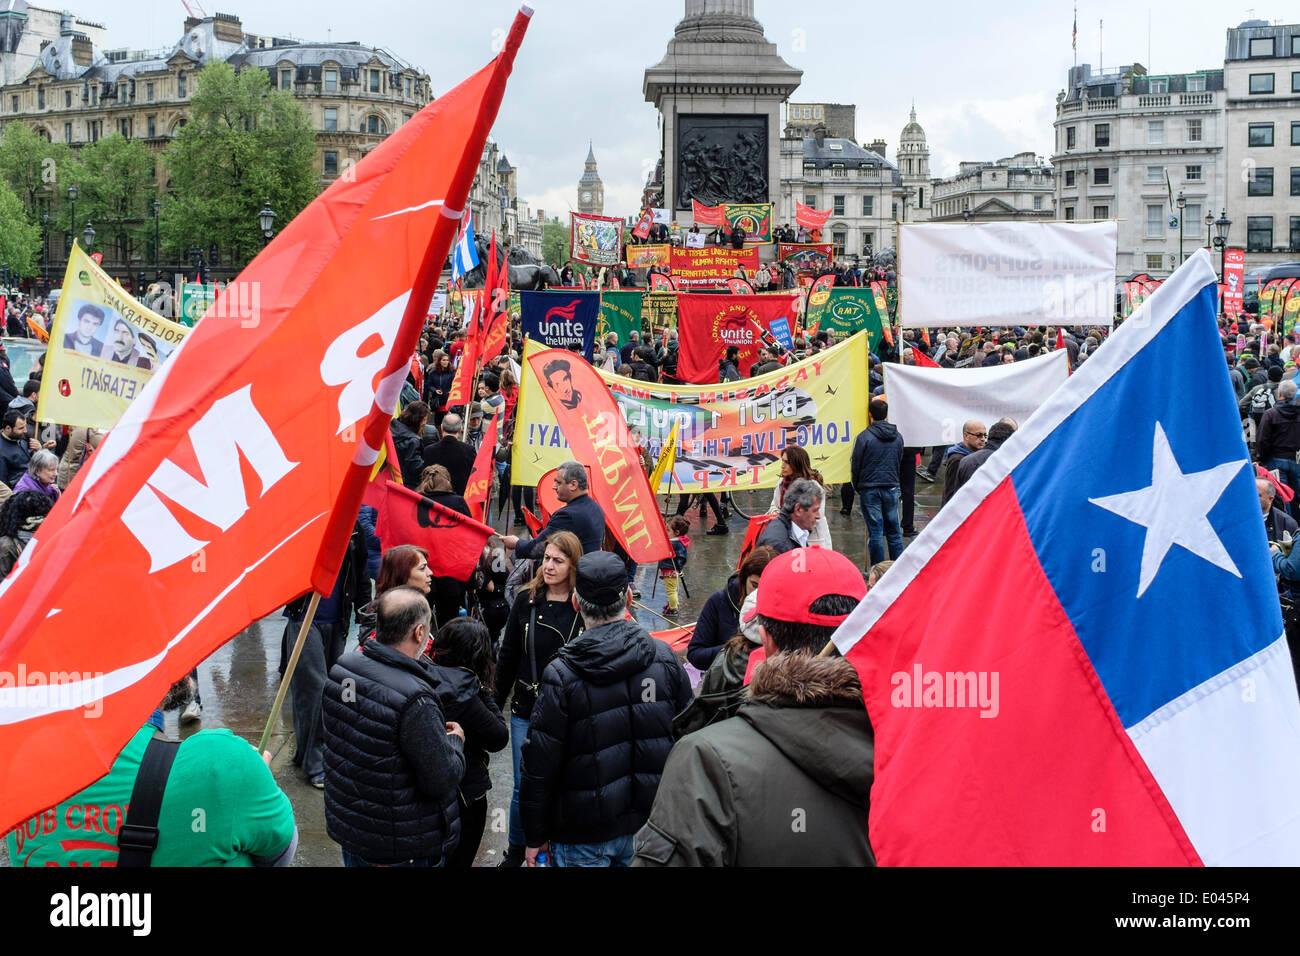 Londra REGNO UNITO, 1 maggio 2014 giorno di maggio dimostranti si riuniscono in Trafalgar Square per rally e ad ascoltare discorsi da leader sindacali e l'ala sinistra politici. Credito: mark phillips/Alamy Live News Immagini Stock